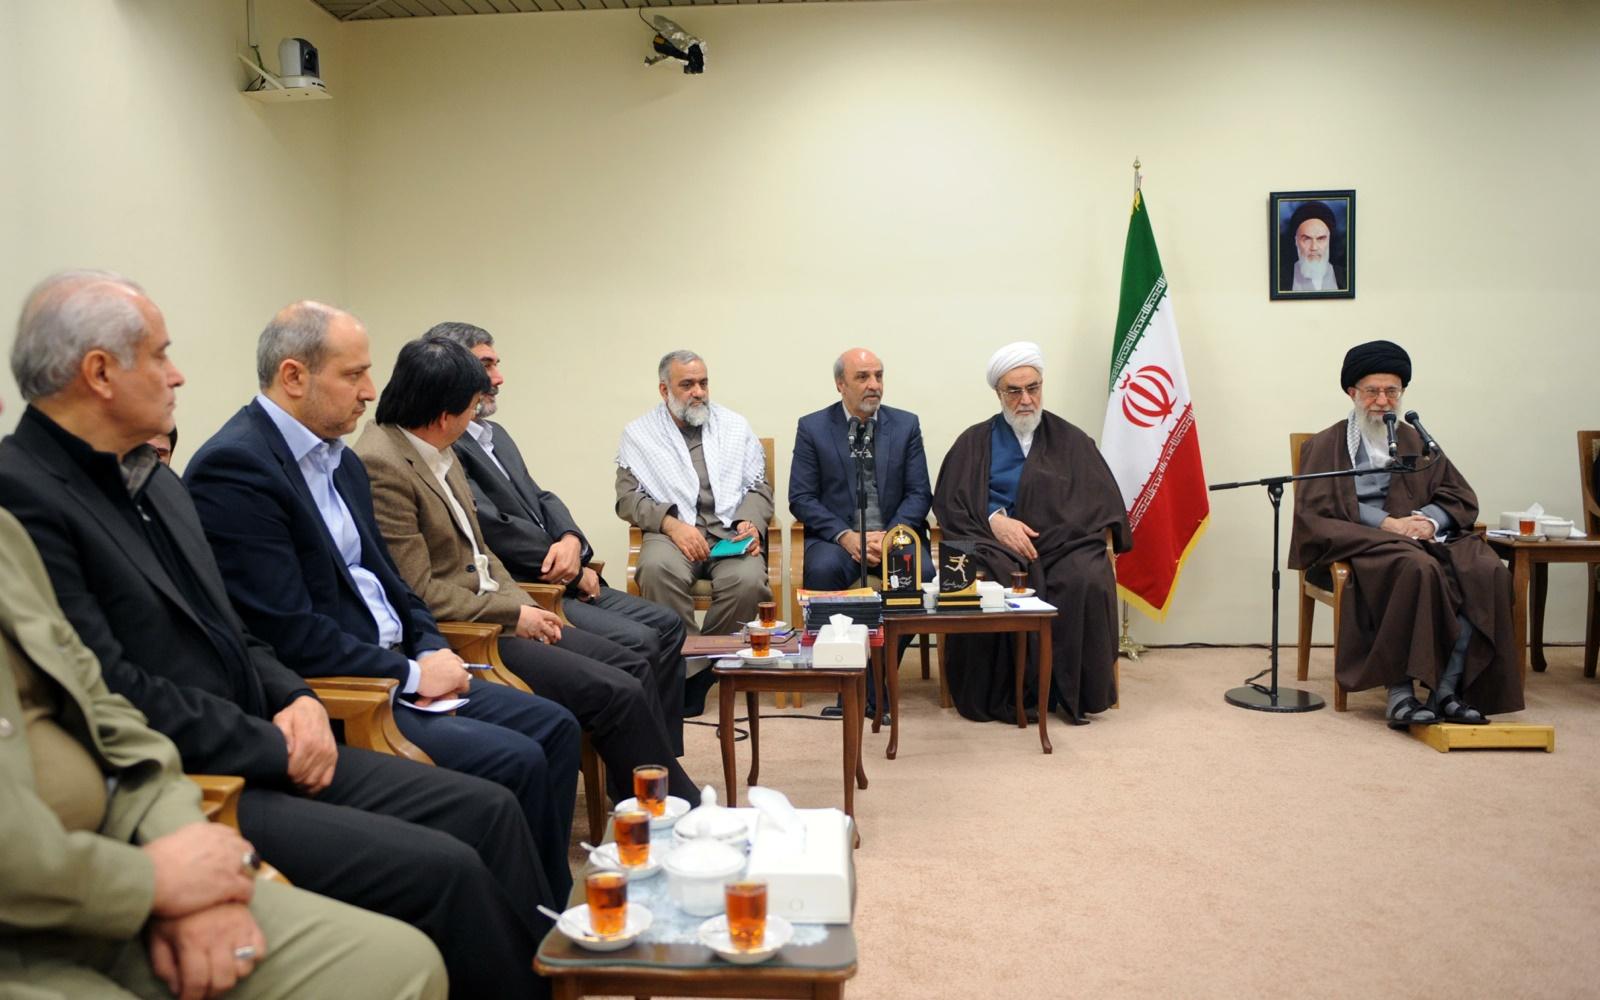 بیانات رهبر معظم انقلاب اسلامی در دیدار دستاندرکاران کنگره شهدای ورزش کشور + فیلم